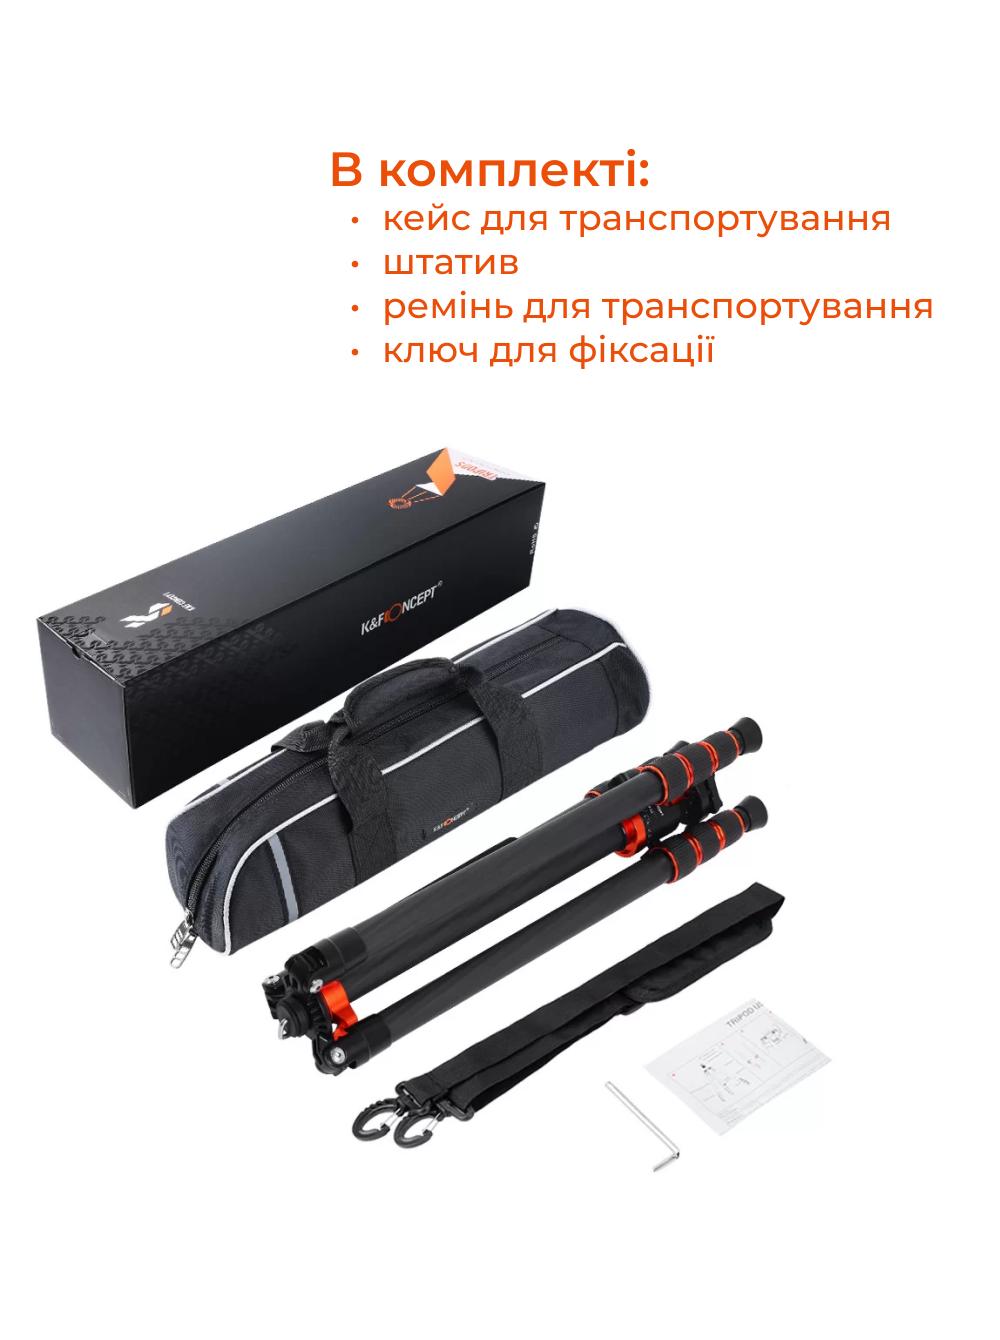 Профессиональный штатив из углеродного волокна K&F SA254C1 KF09.091